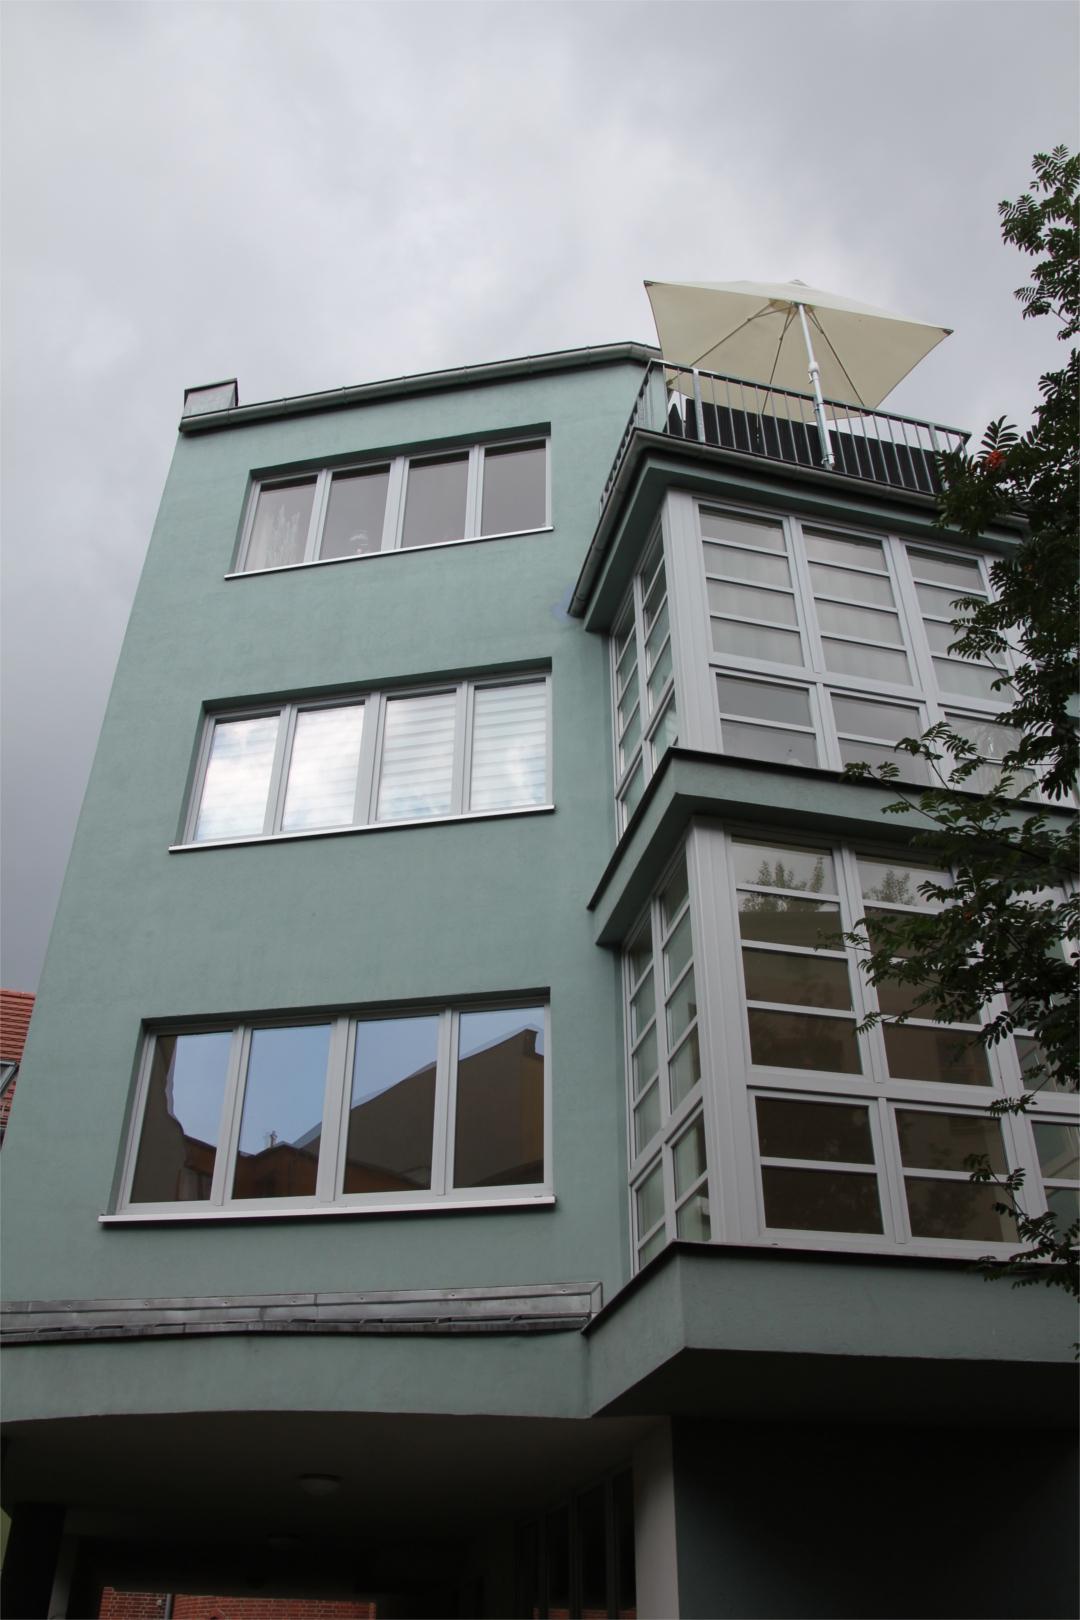 Böttcherstr-1a-12555-Berlin-Hofseite_small